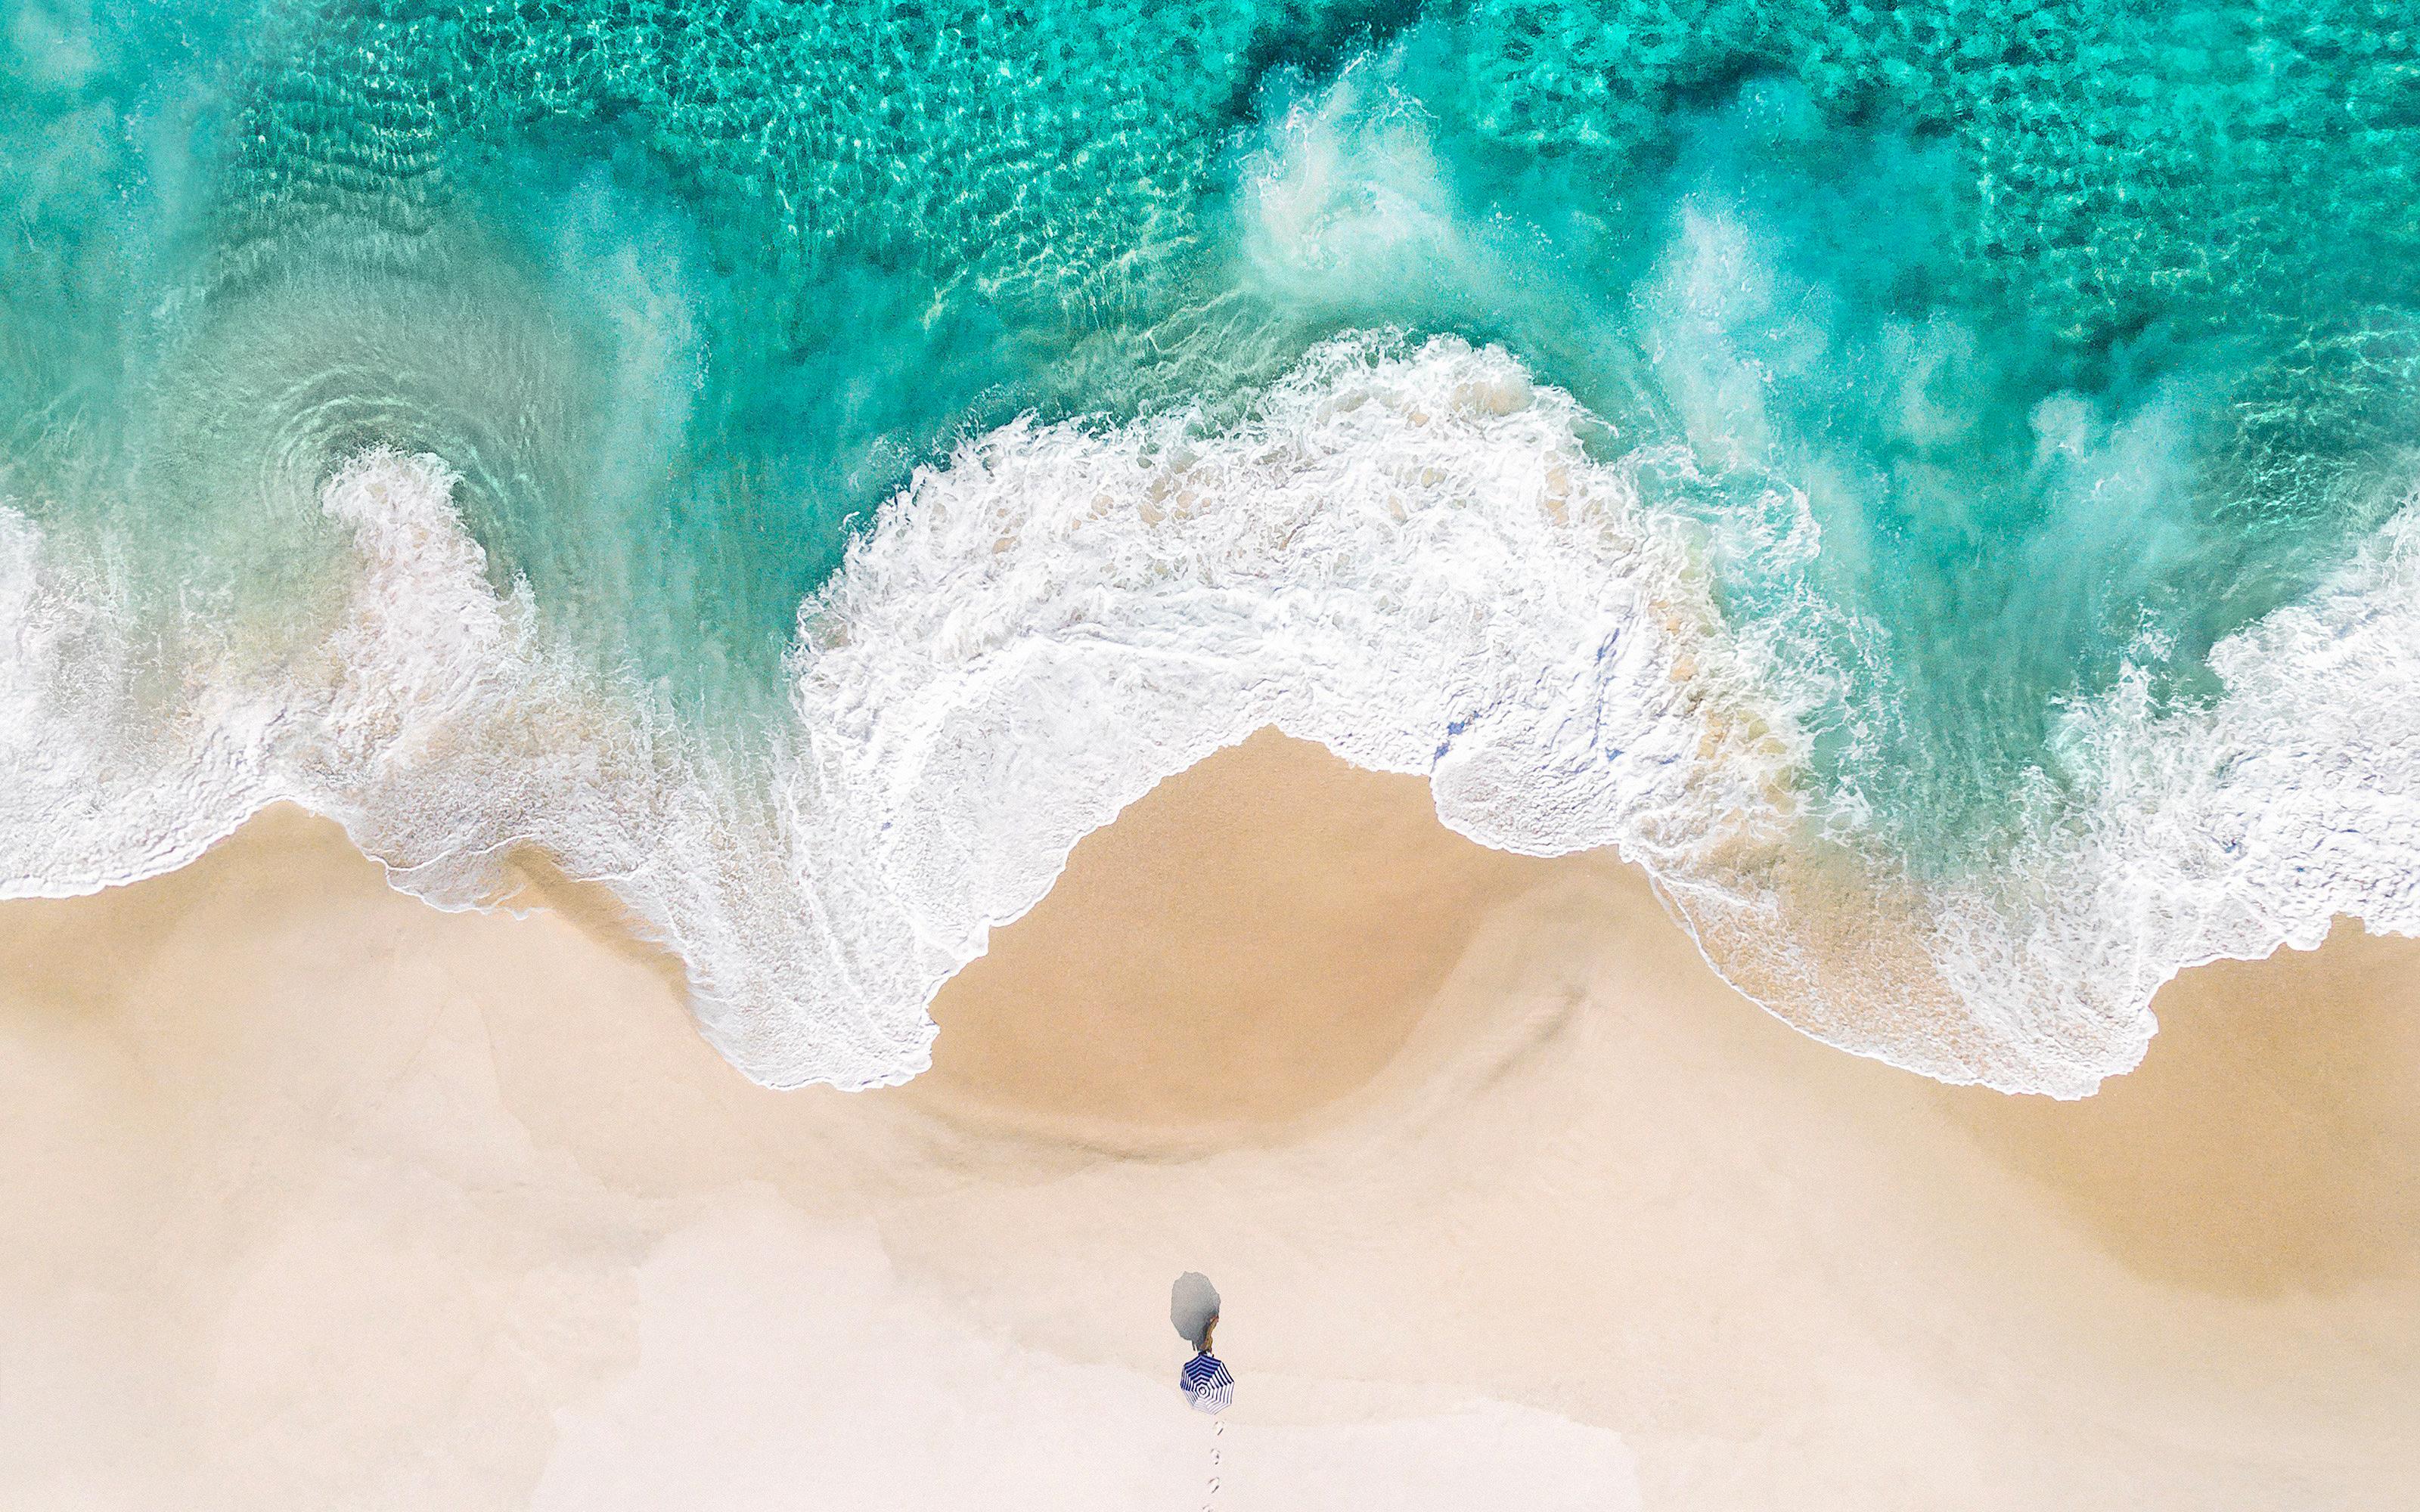 Пляж прошивкой 10 акций обои скачать